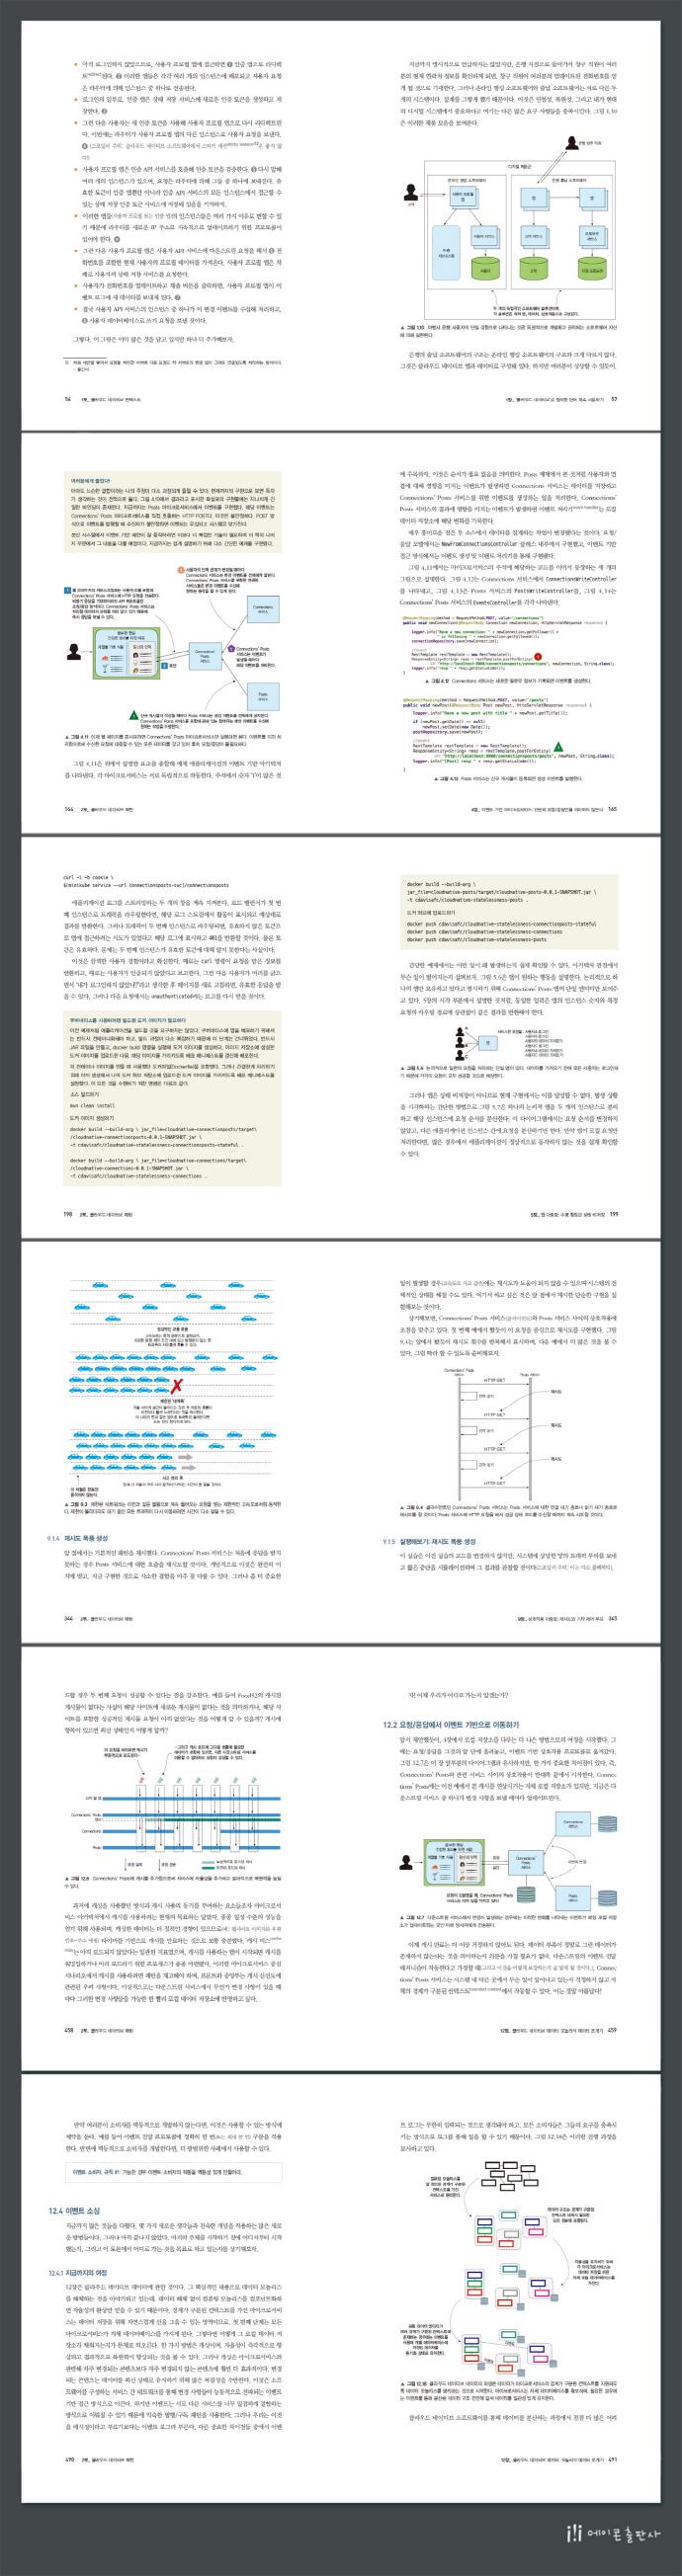 클라우드 네이티브 패턴 도서 상세이미지